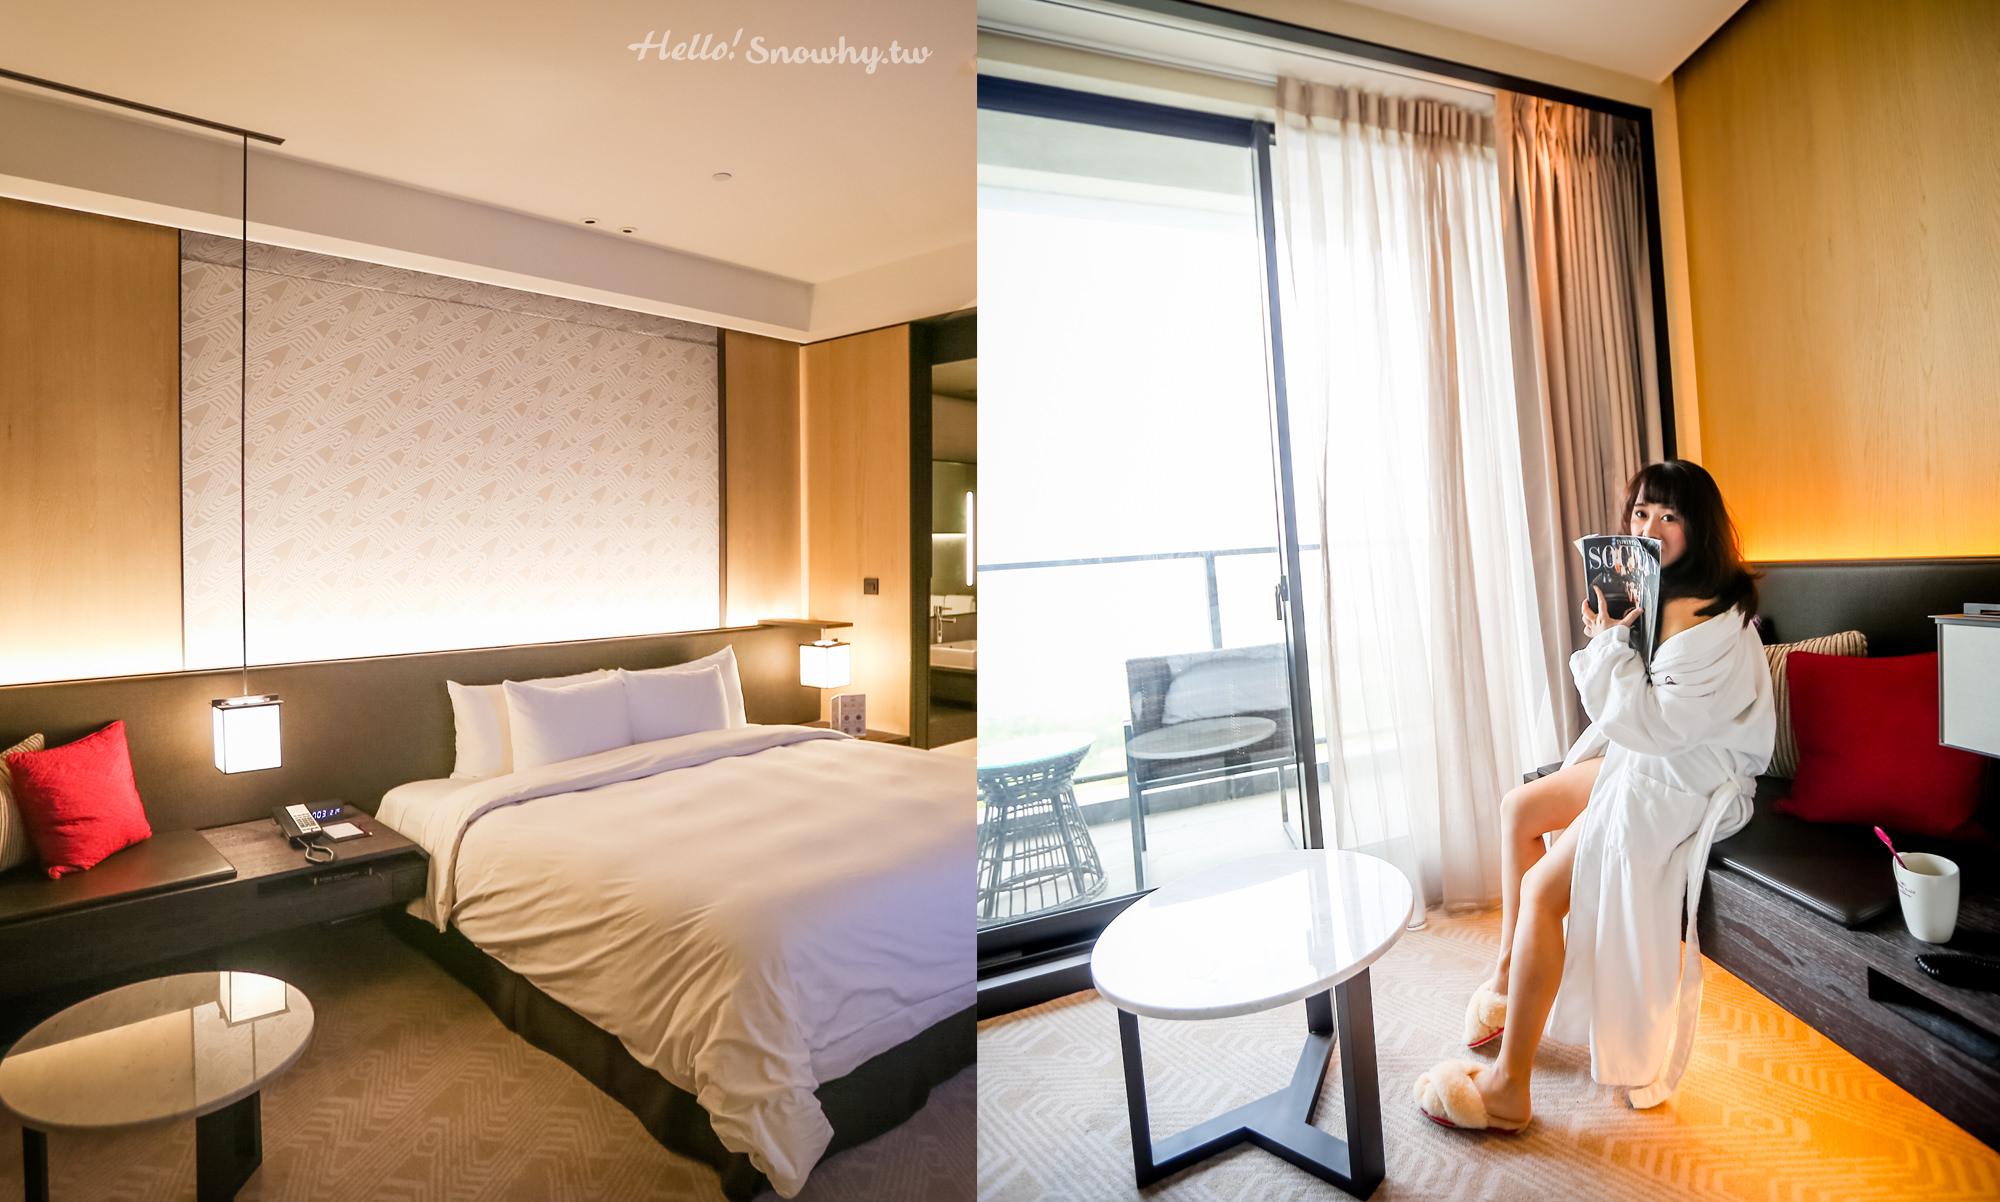 台南住宿 大員皇冠假日酒店 | 安平美景與五星級的住宿享受.鄰近安平熱門景點